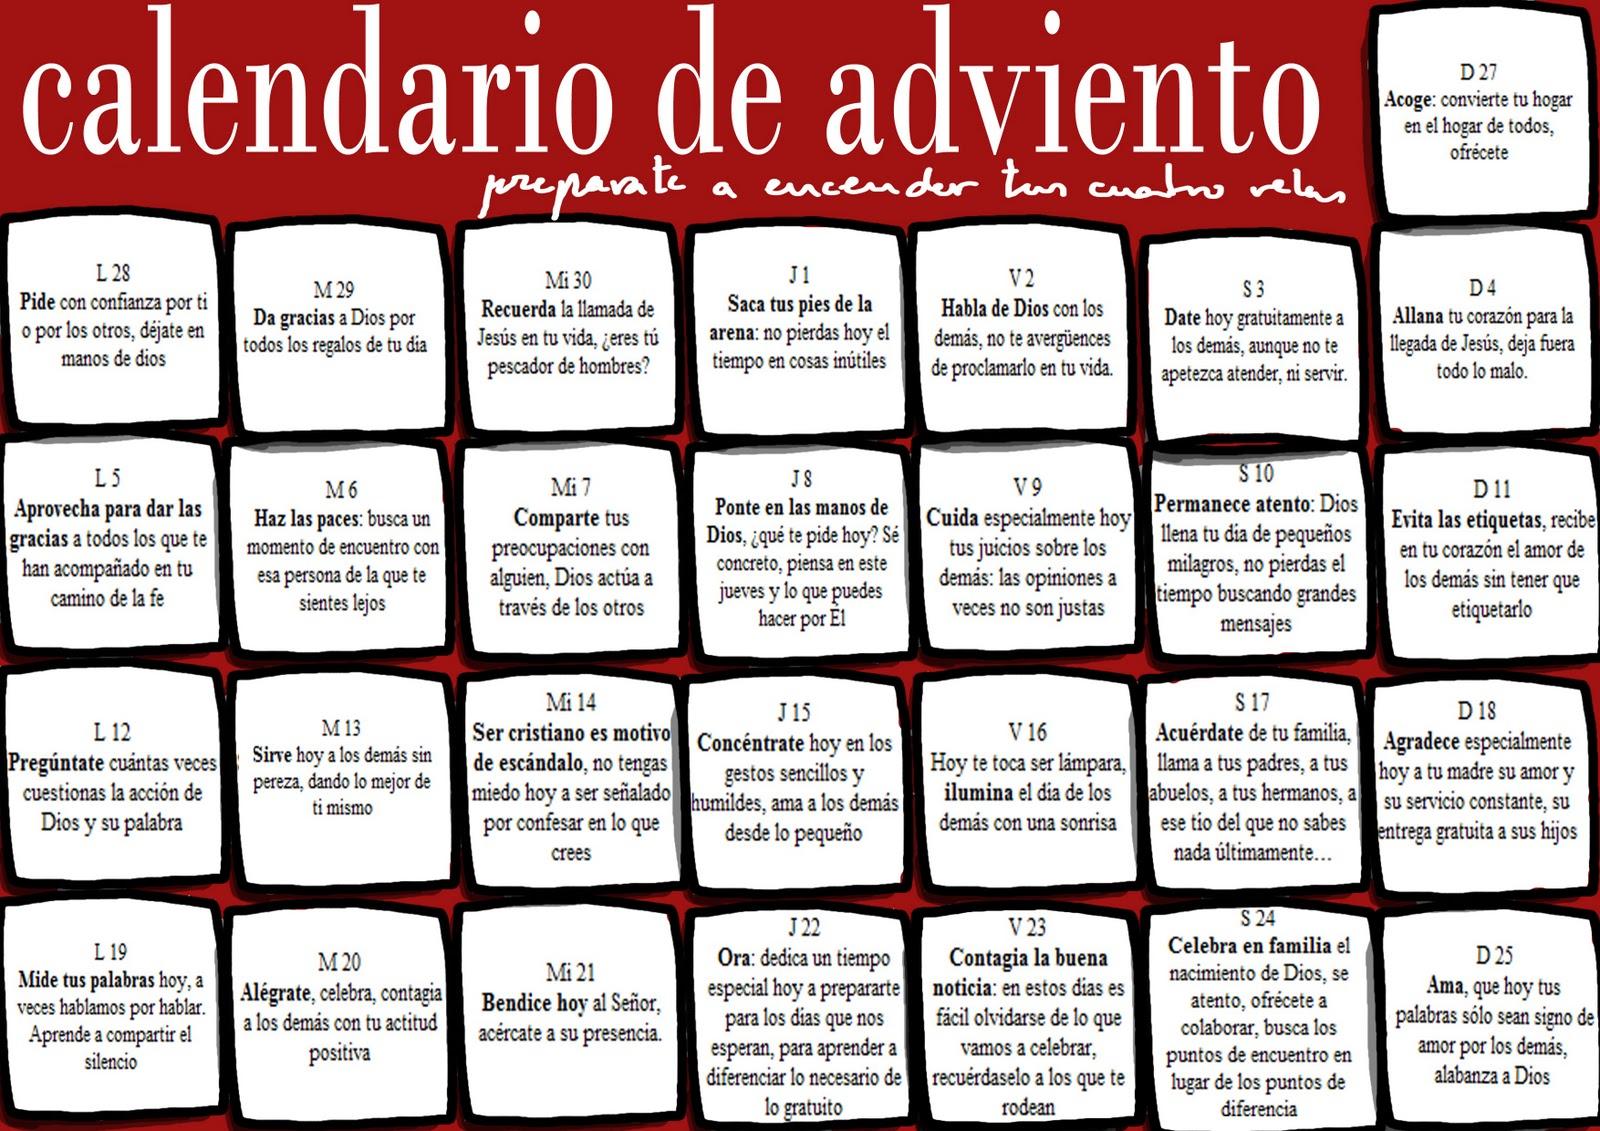 Adviento Calendario.Vida De Gracia Adviento 2016 Tiempo De Preparacion Activa